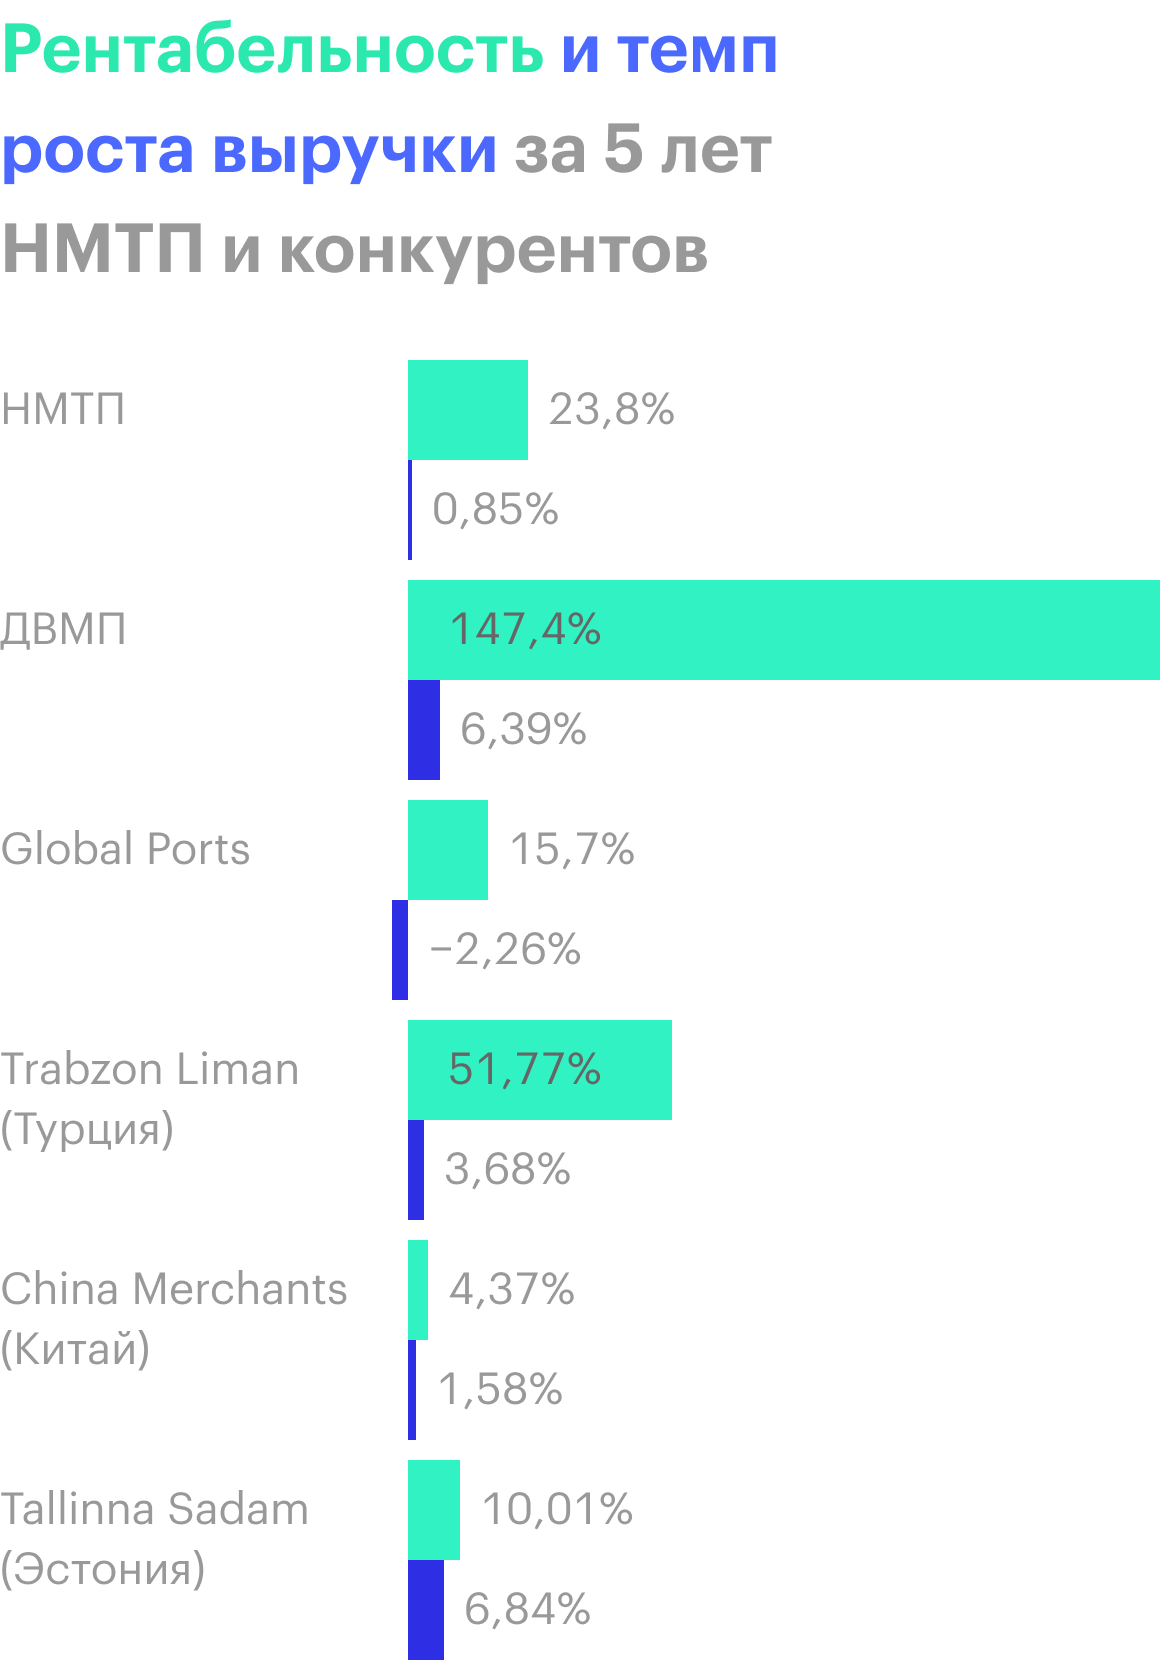 Источник: финансовые отчеты компаний по МСФО, расчеты автора